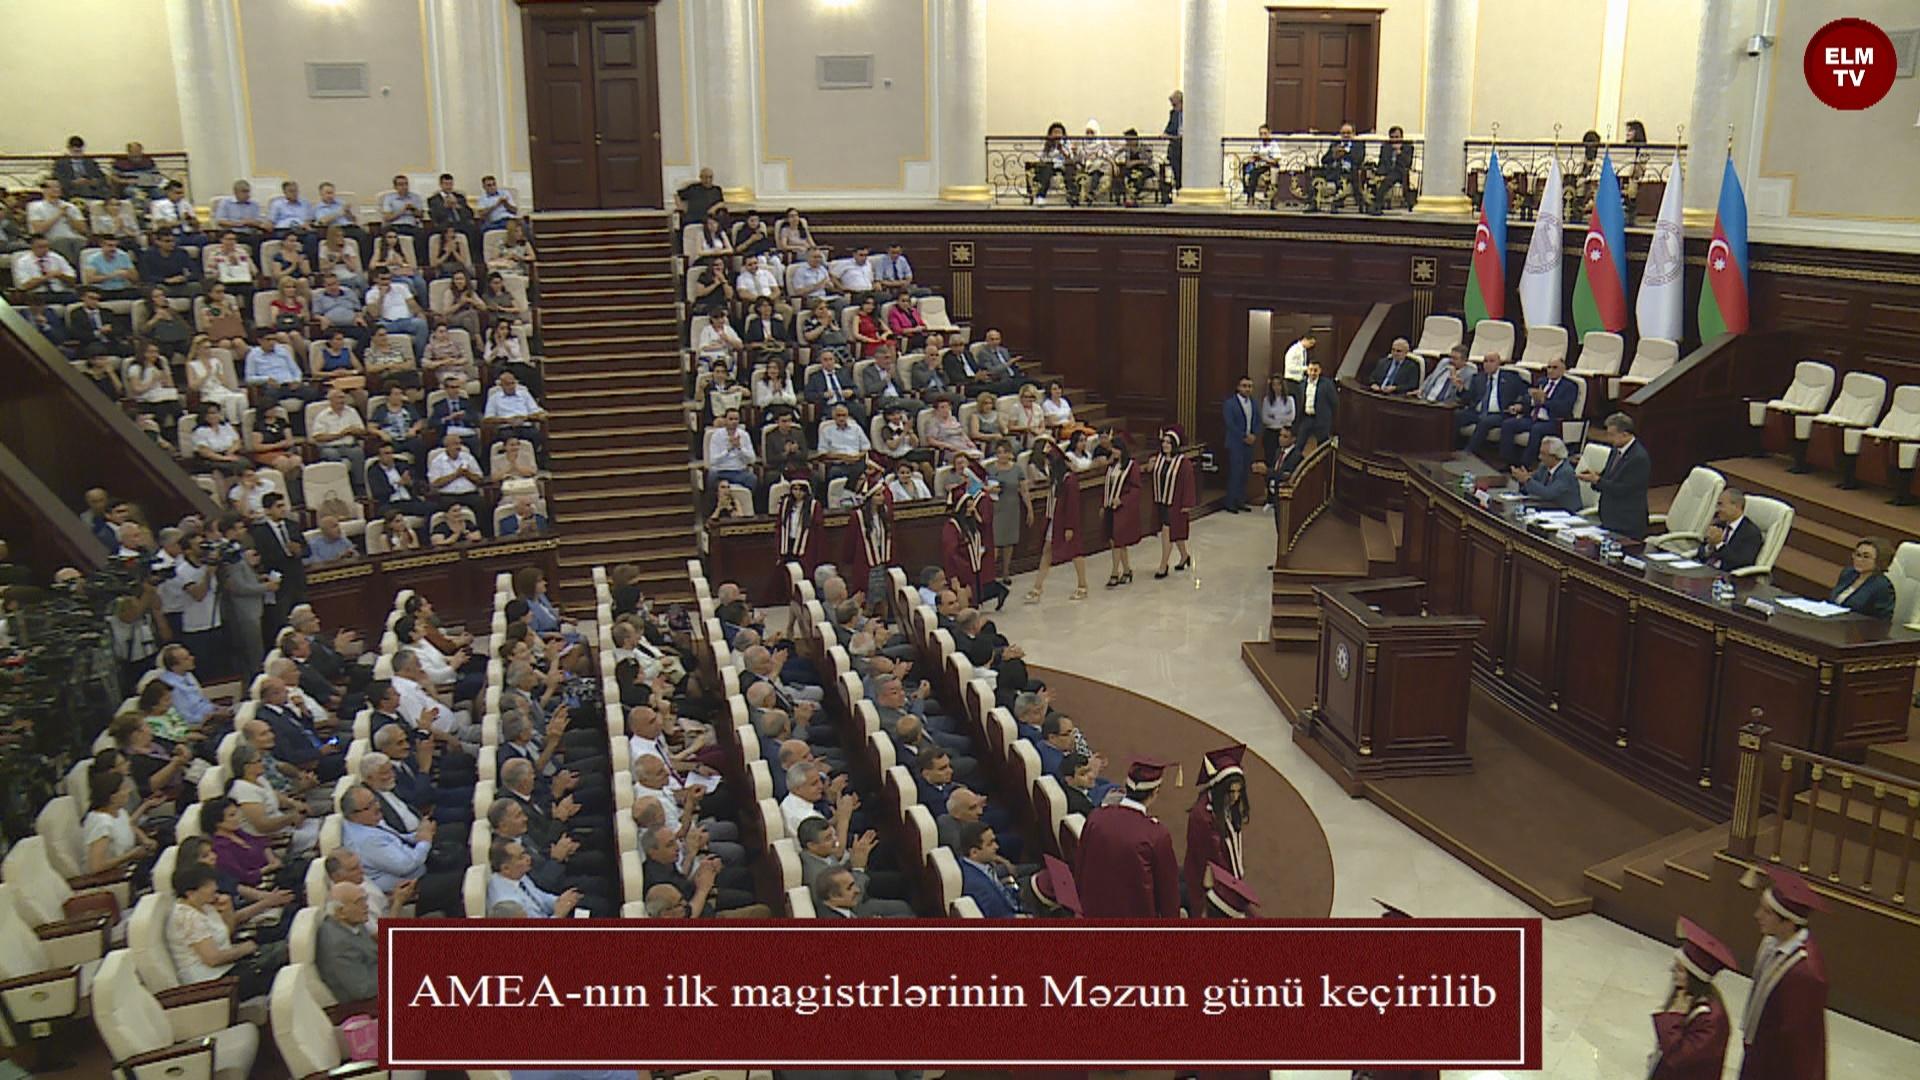 AMEA-nın ilk magistrlərinin Məzun günü keçirilib